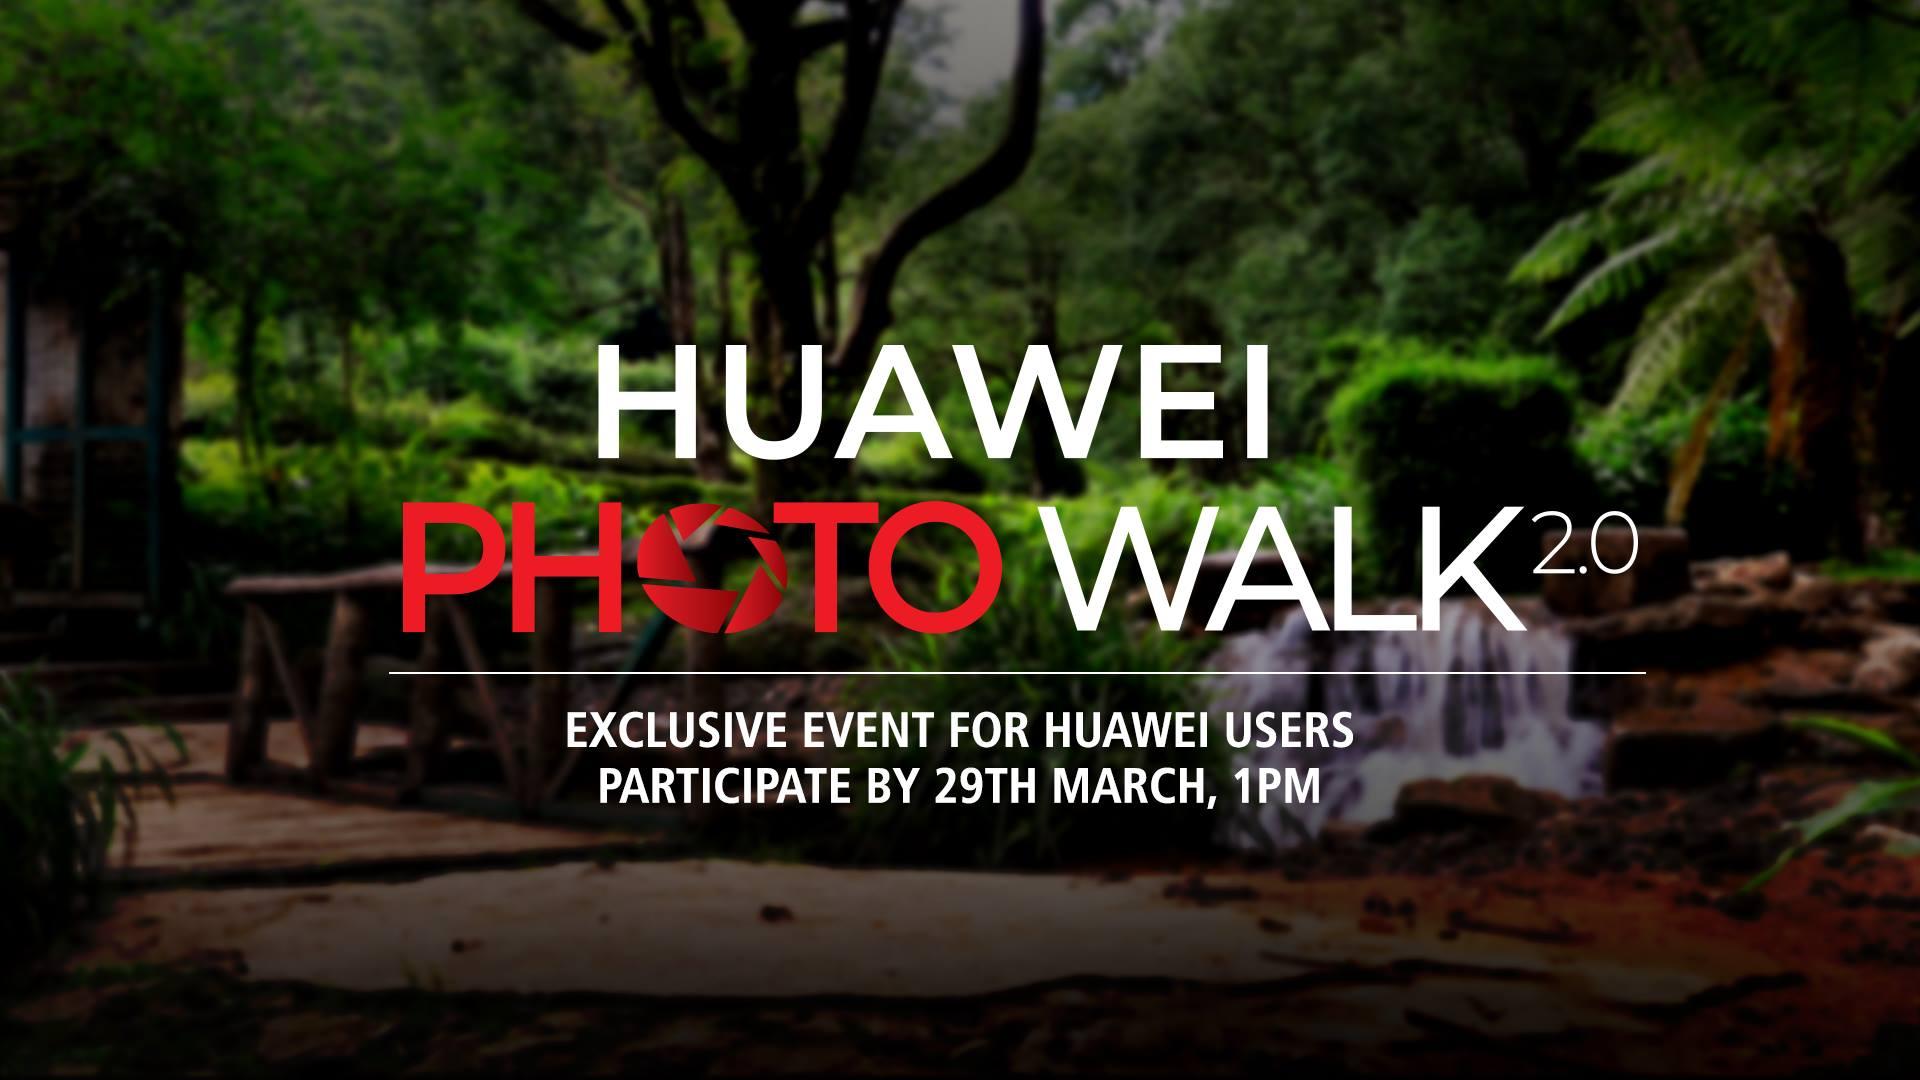 Huawei Photo Walk 2.0